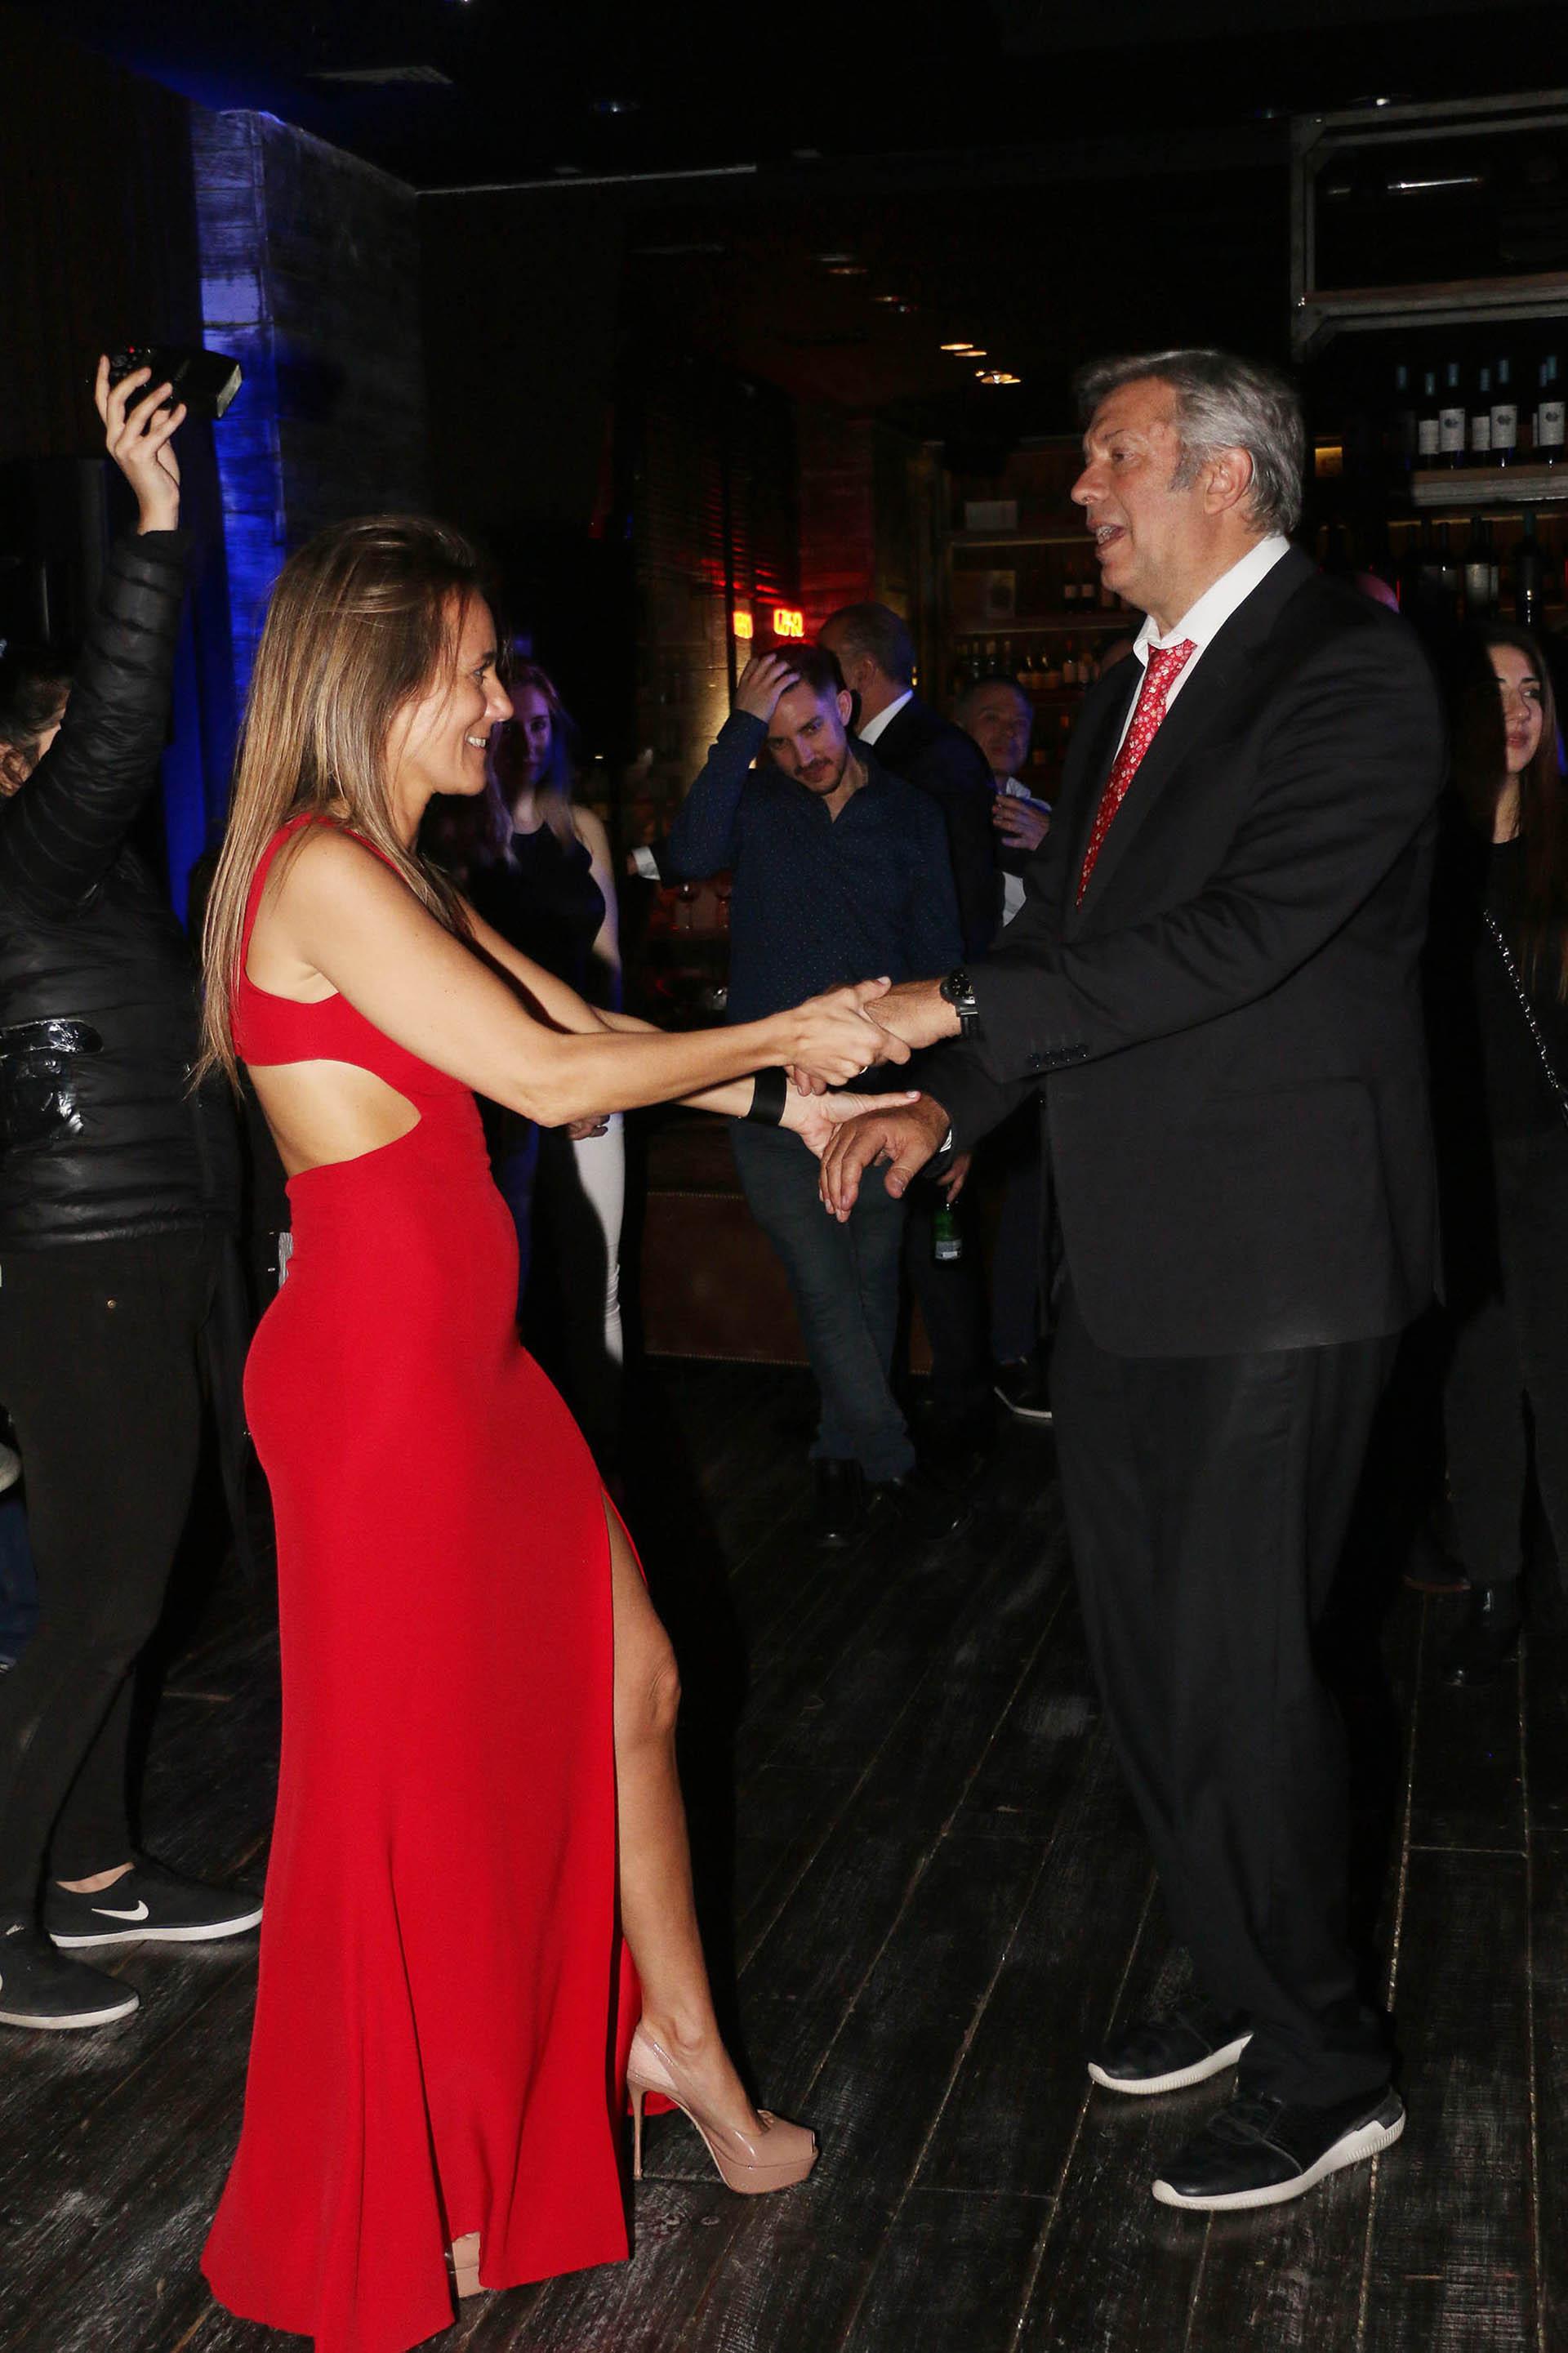 La pareja de abogados abrió la pista de baile durante el festejo, que se extendió hasta las 2 de la madrugada